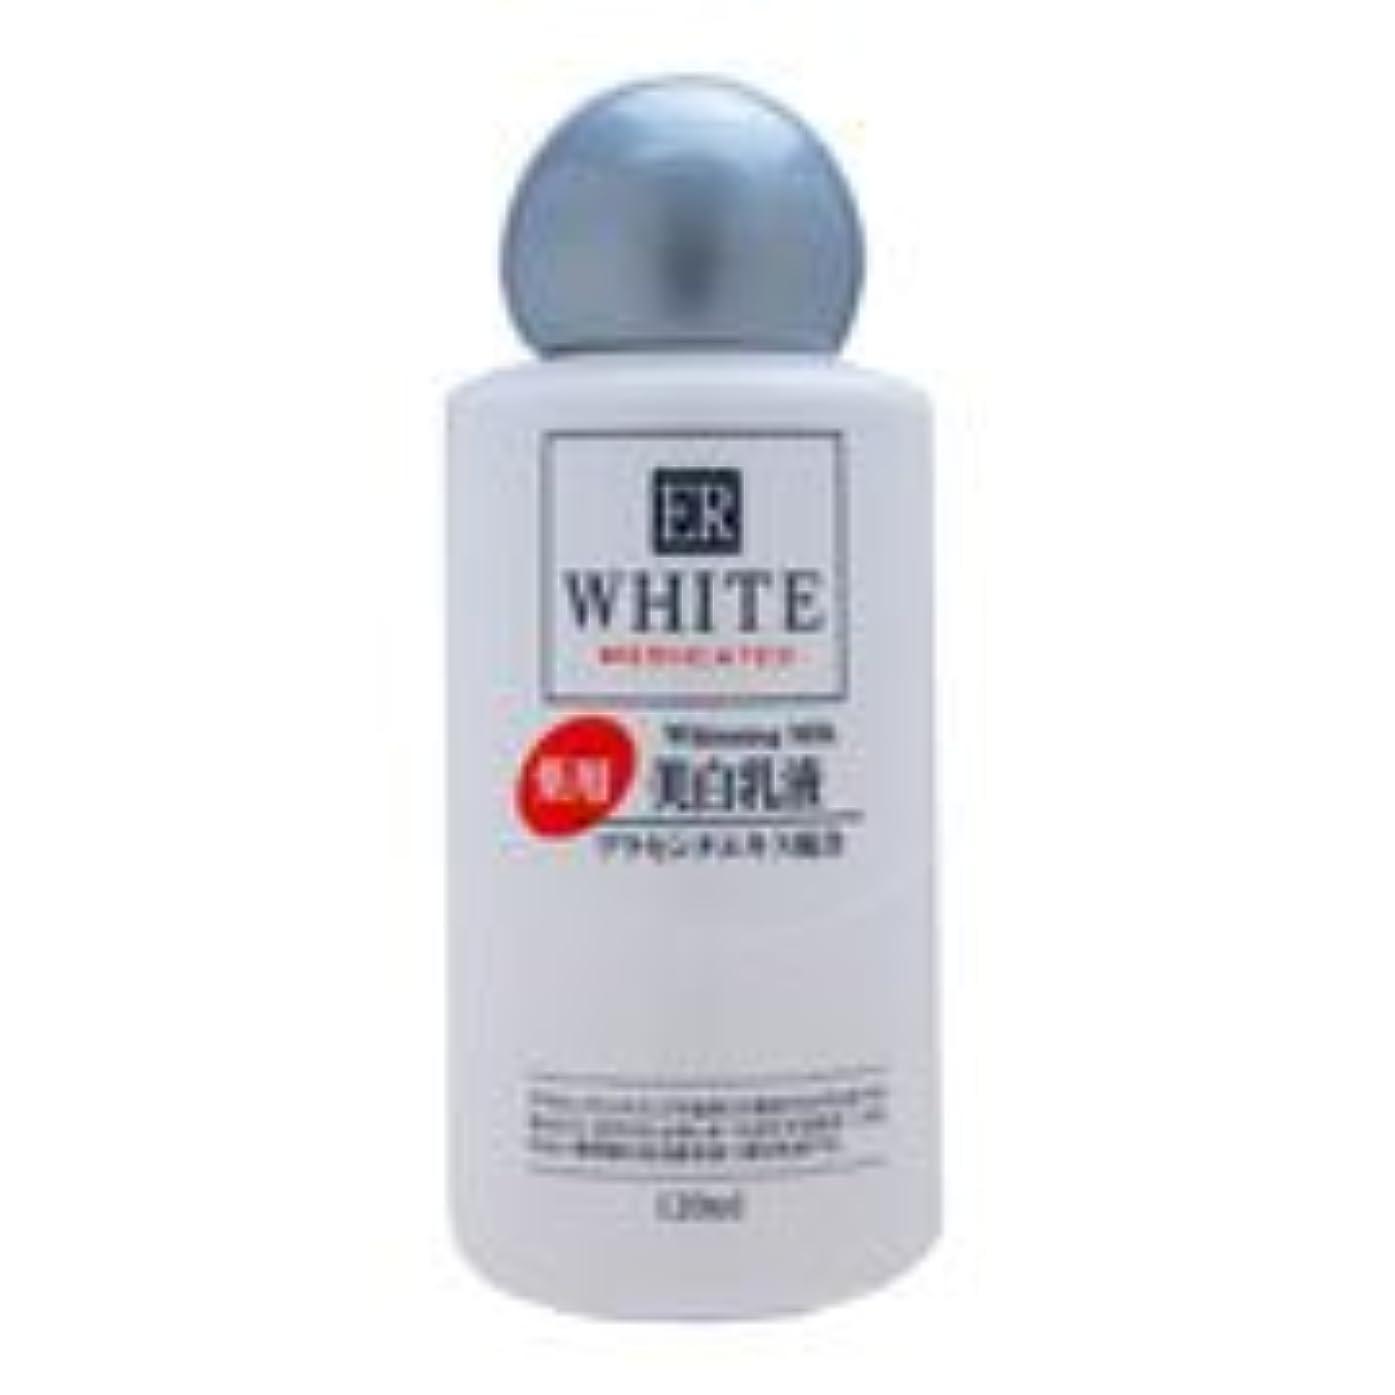 ヘロイン時代遅れサンプルコスモホワイトニングミルクG-1 120ml